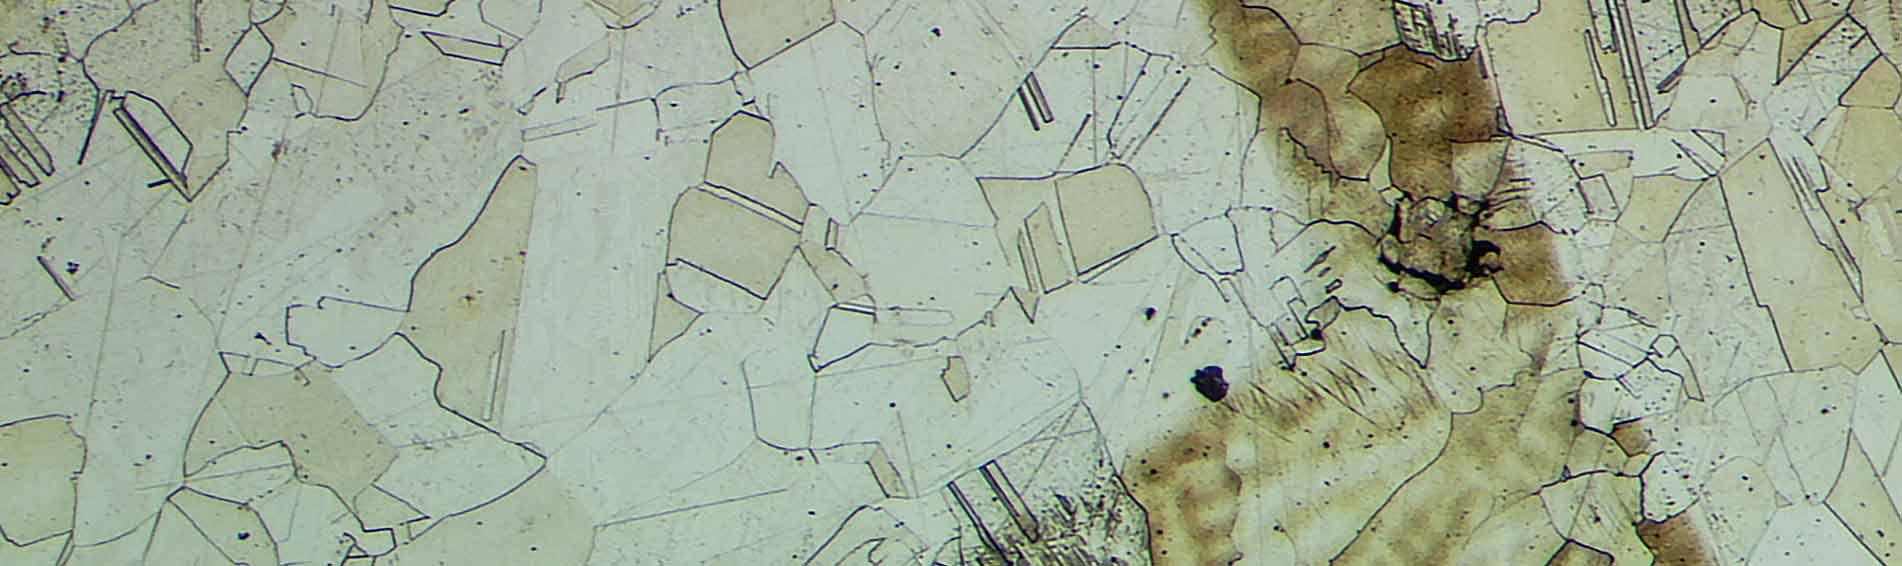 بررسی میکروسکوپمتالوگرافی تولیدی شرکت نانوپژوهان راگا